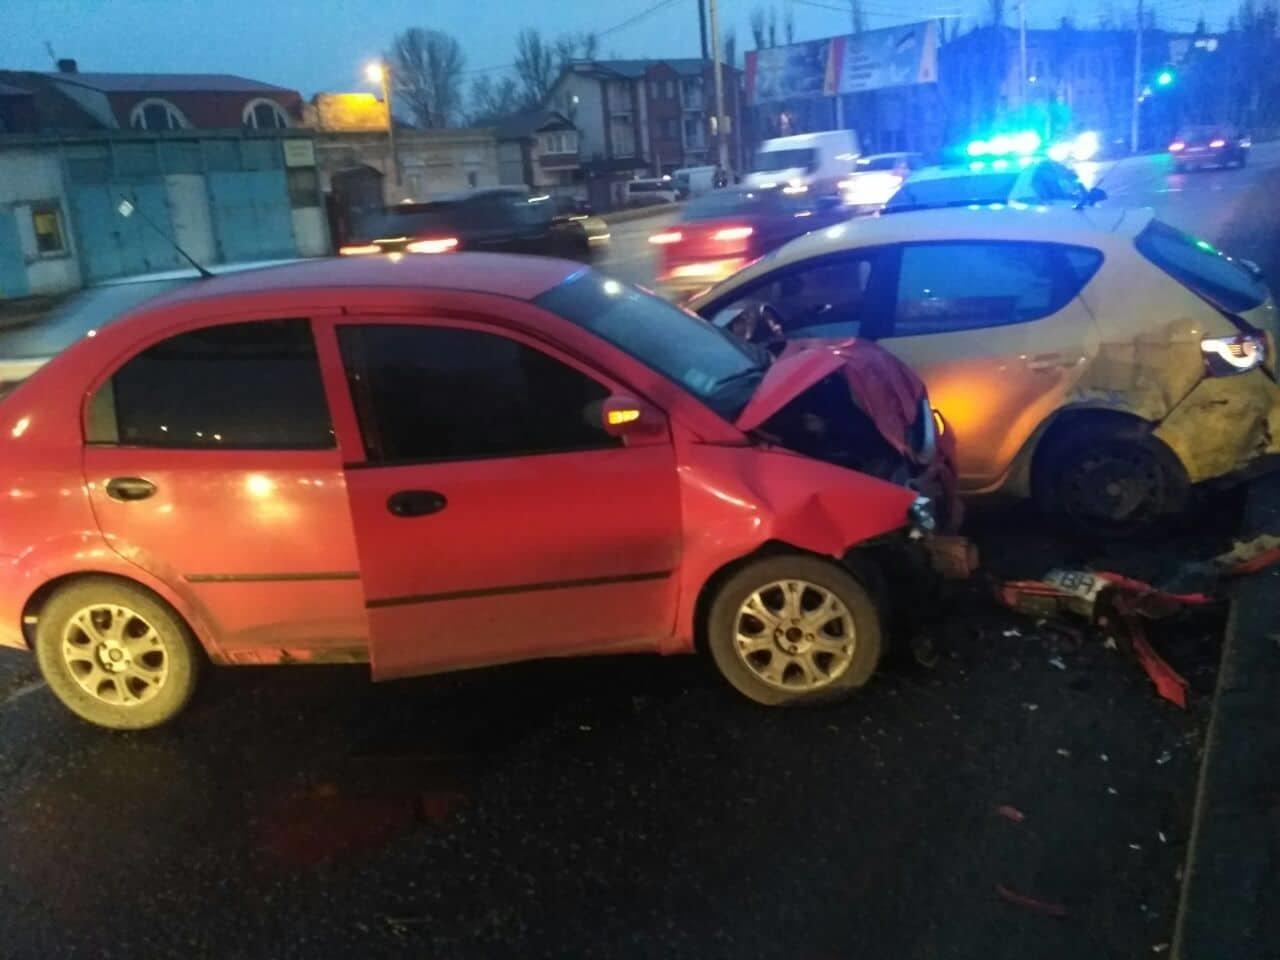 В Одессе на Николаевской дороге произошло ДТП: пострадала женщина, - ФОТО, фото-1